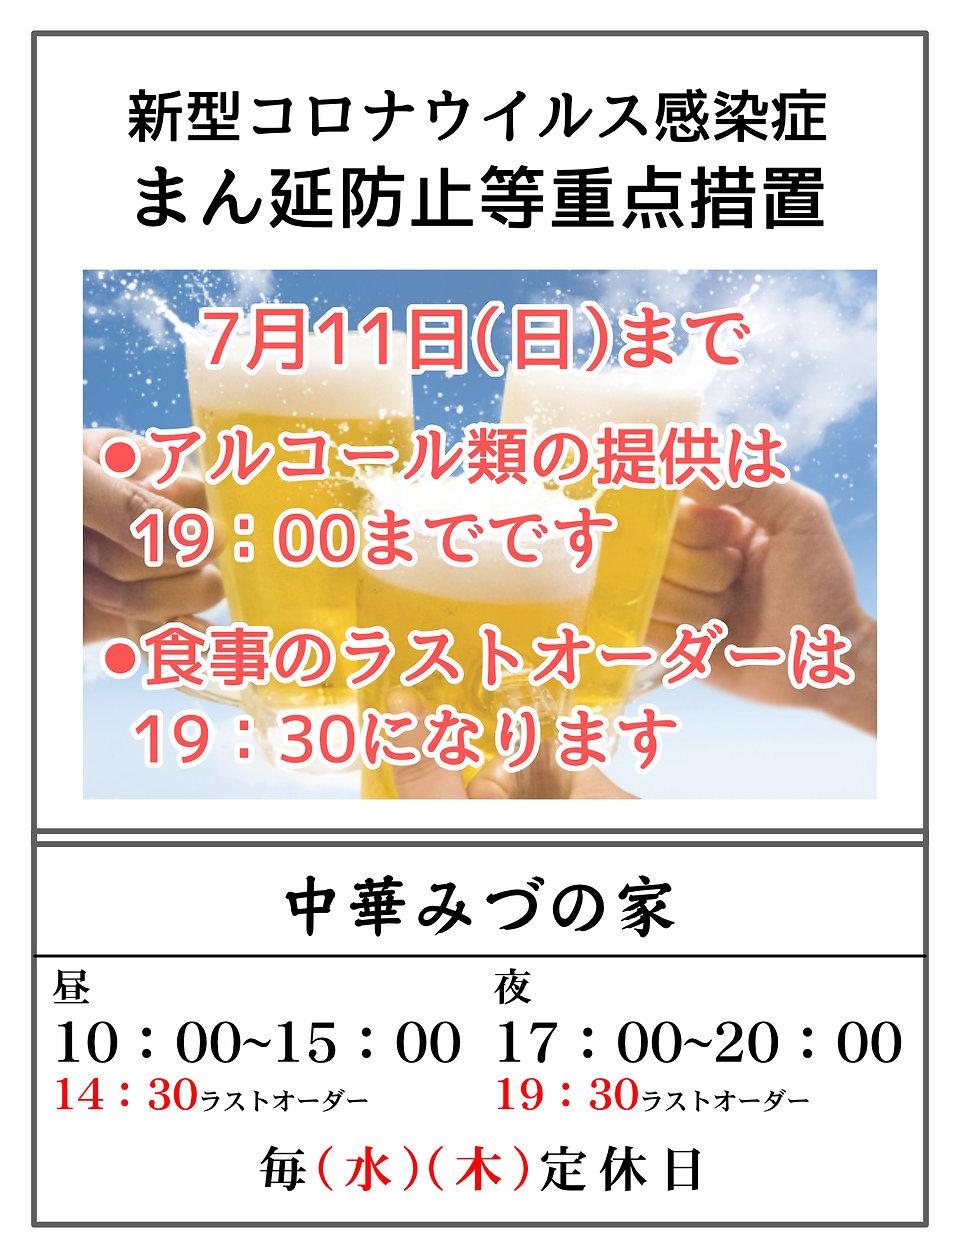 マンボウビール.jpg